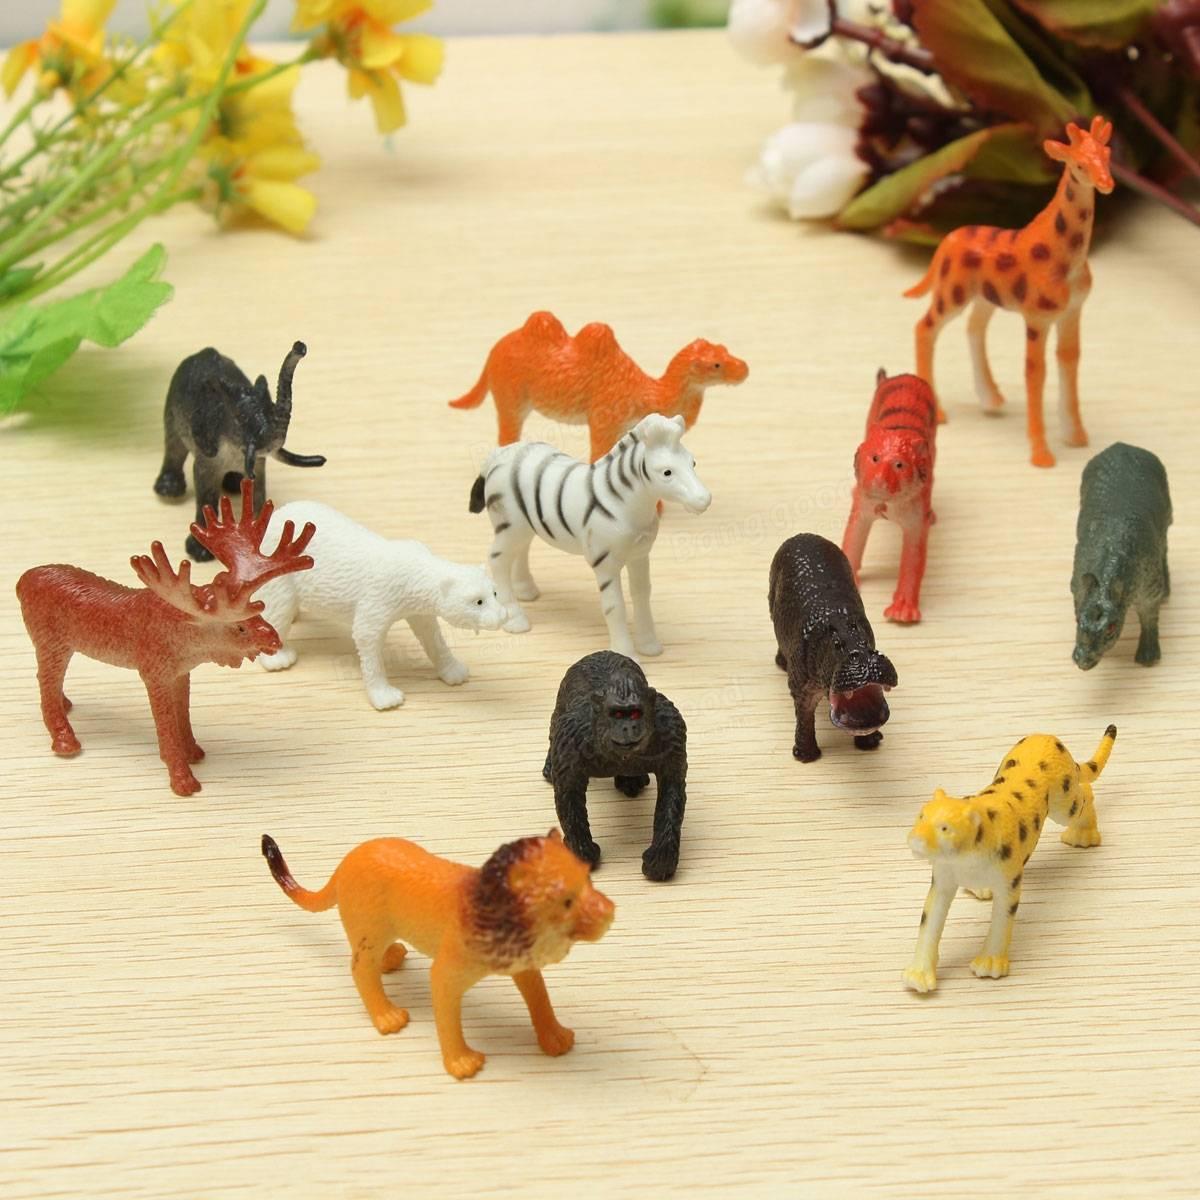 12 Pequeños Animales De Zoológico Safari De Plástico Figuras